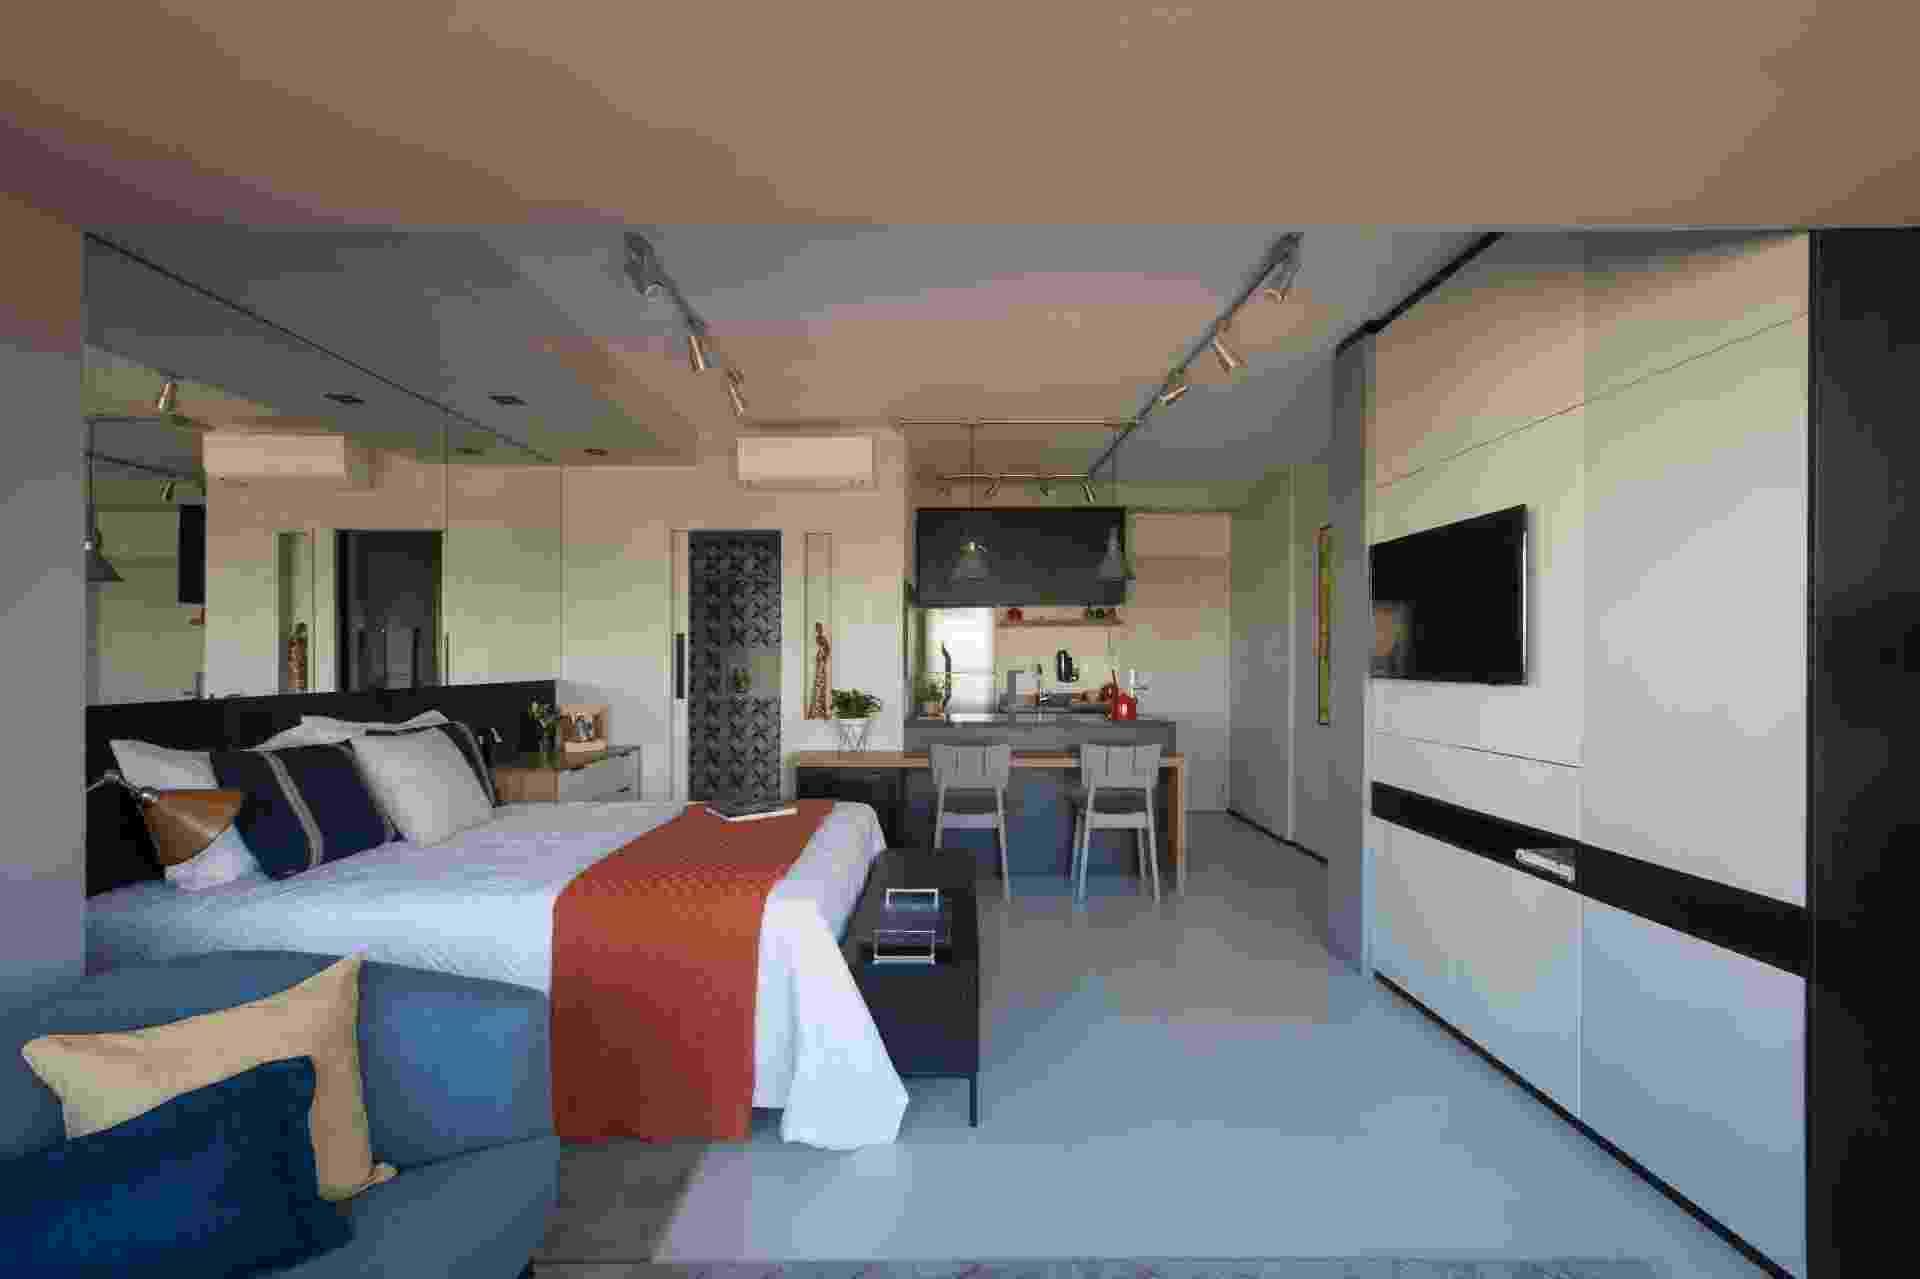 Localizado em São Paulo, este apartamento de 39 m² foi projetado pela arquiteta Vinícia Brandão para ser um imóvel funcional e contemporâneo, com um toque industrial, visto nos trilhos do teto, cimento queimado e tijolinhos - Carolina Mossim/ Divulgação